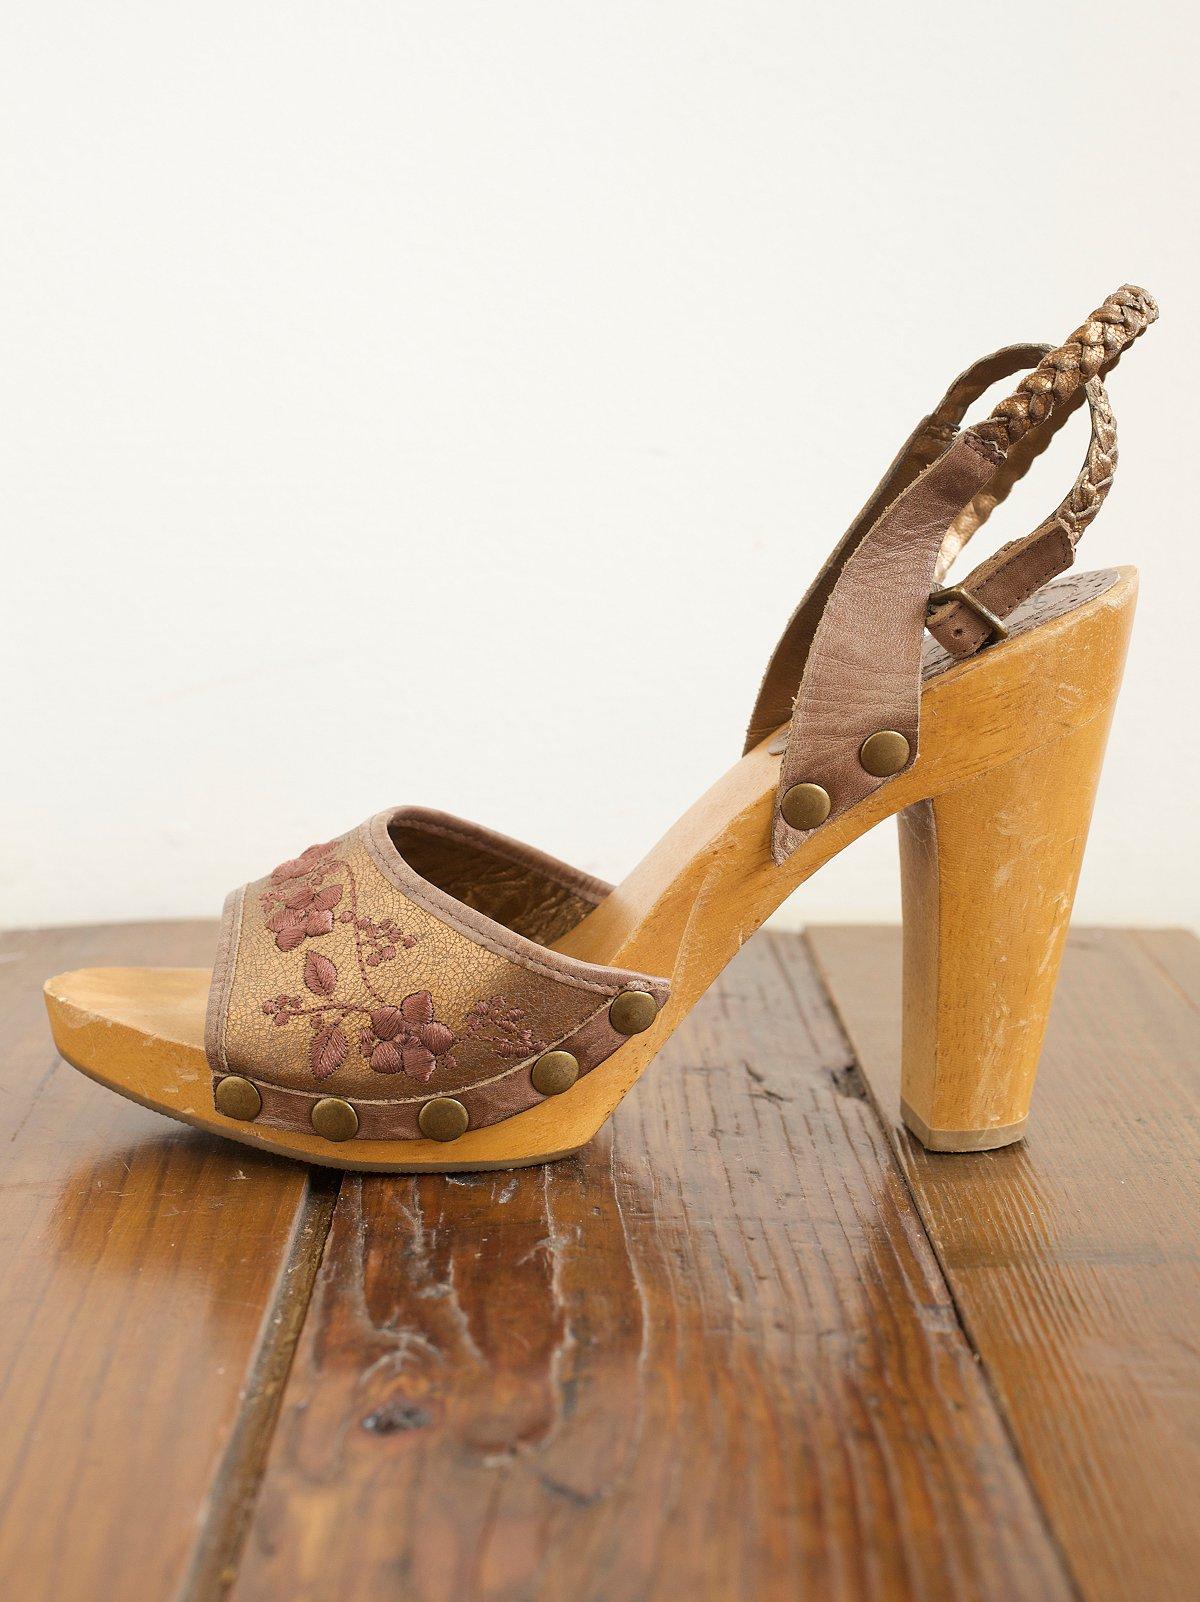 Vintage Wood Clogs With Heel